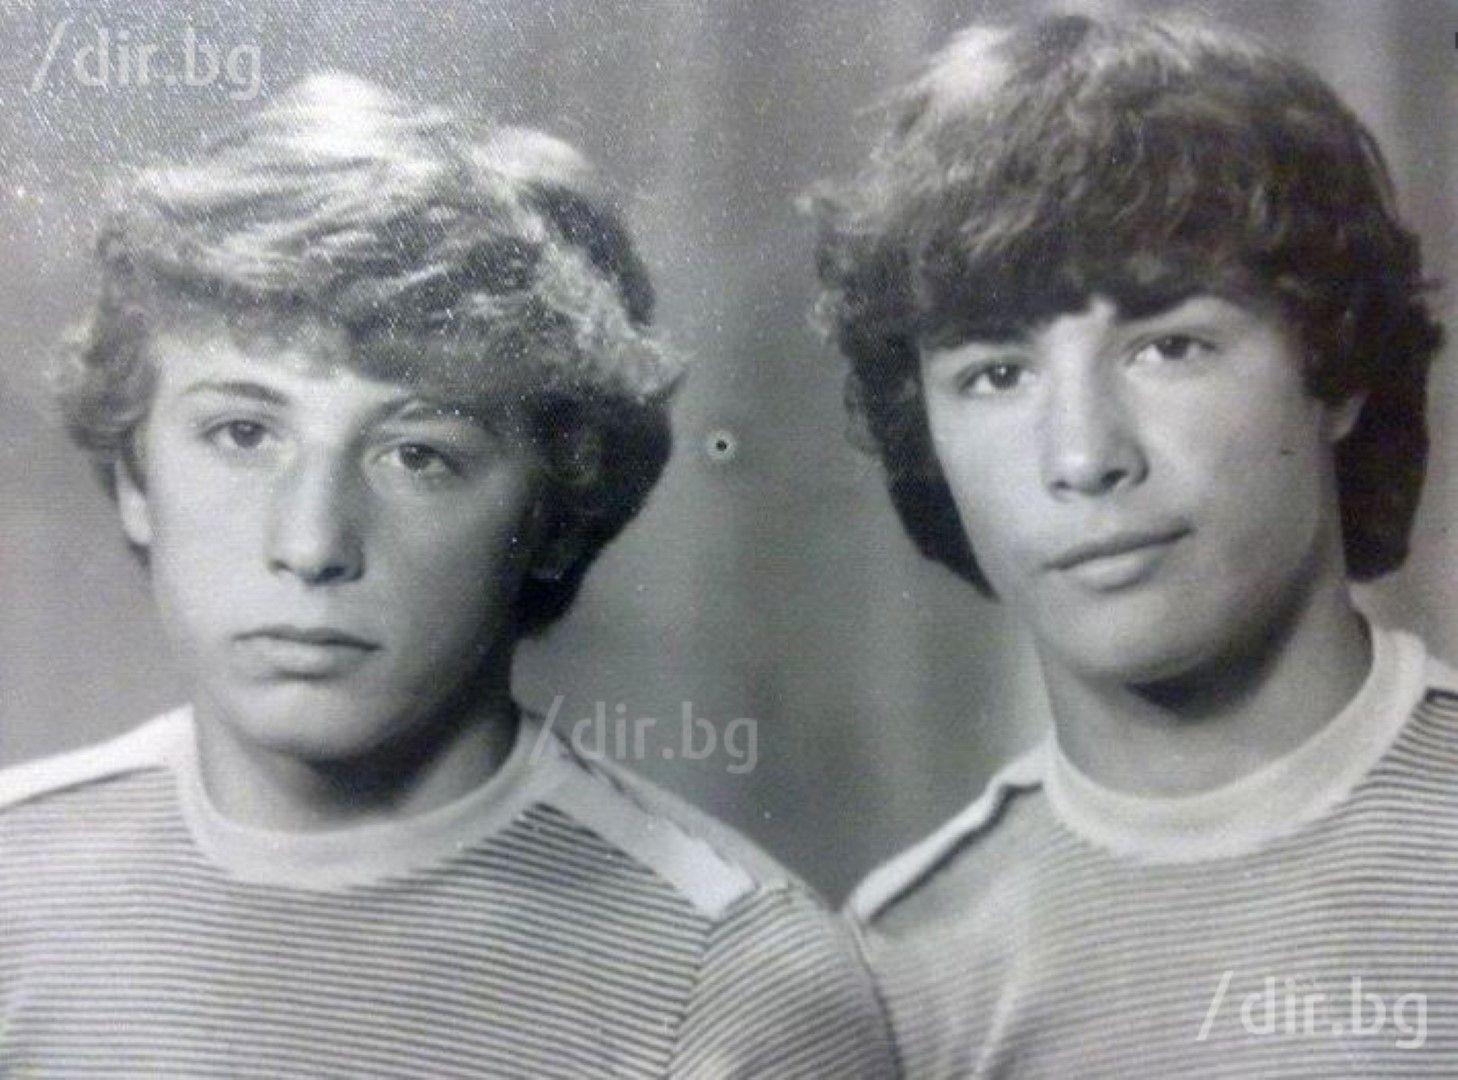 Георги (вдясно) бил буен още от ученическите си години. Батко му не харесвал избухливия му характер.